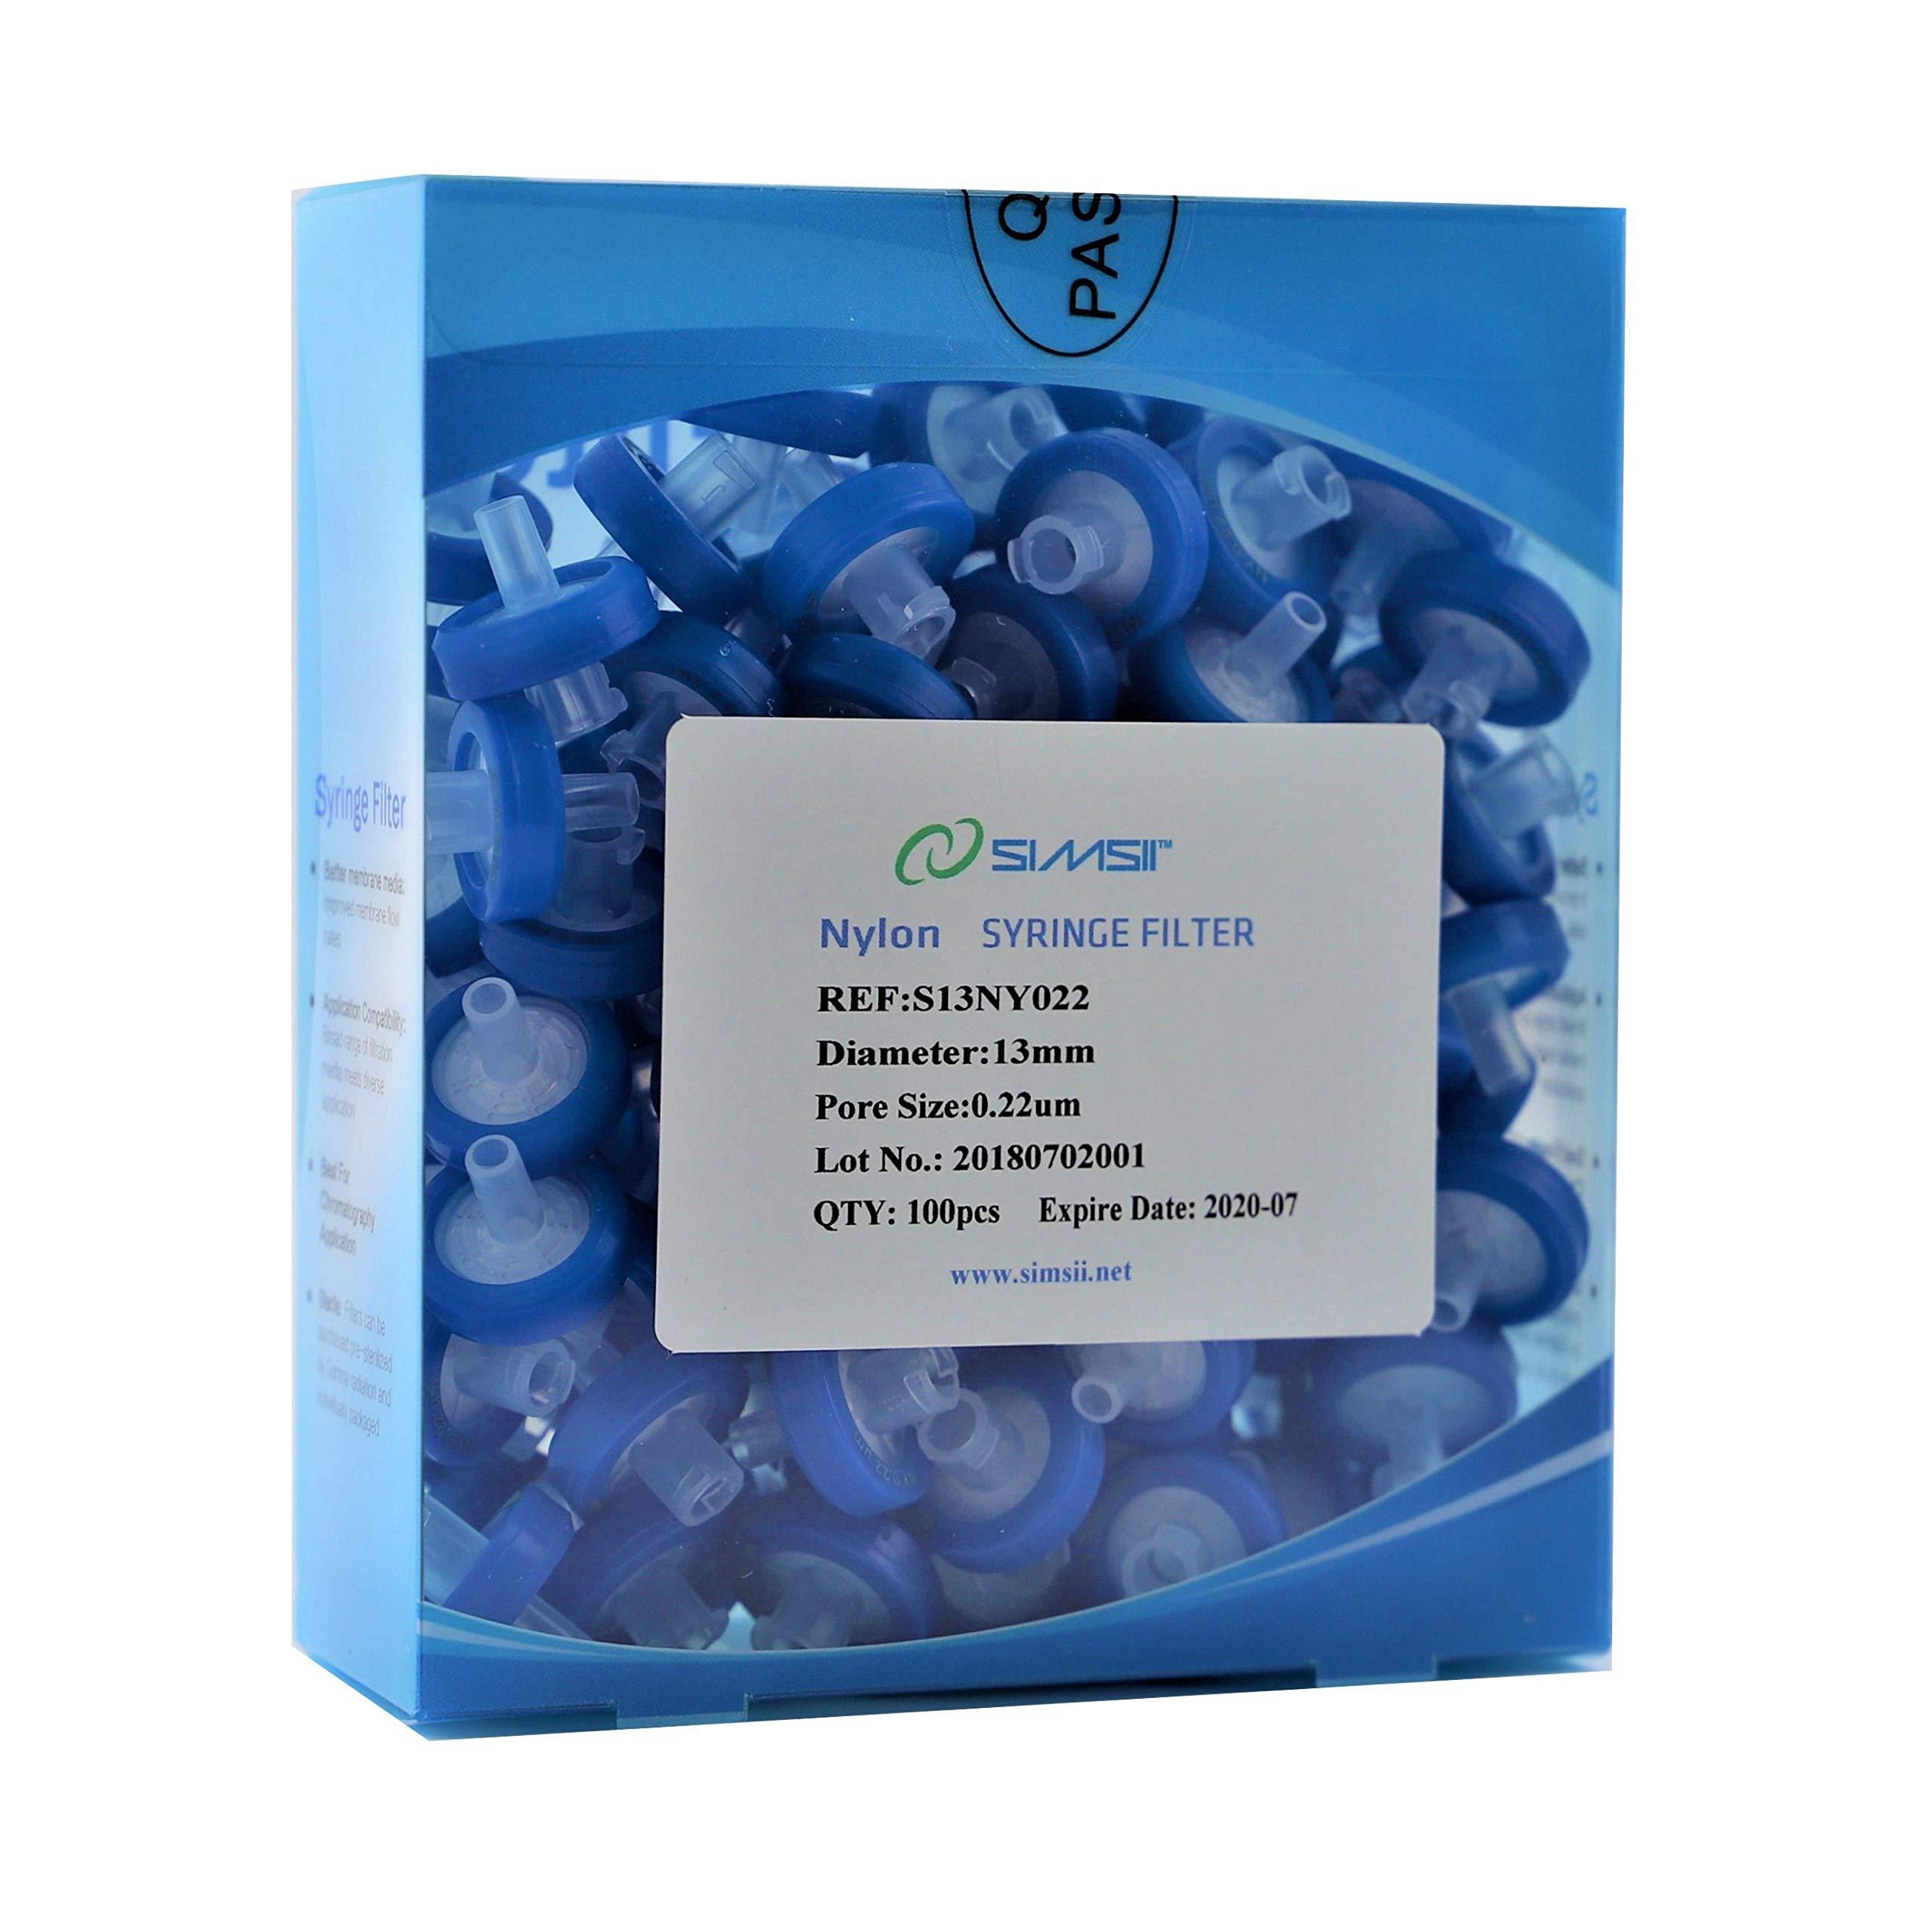 Simsii Syringe Filter, Nylon Filtration Medium, Non Sterile, Diameter 13 mm, Pore Size 0.22 um, Pack of 100